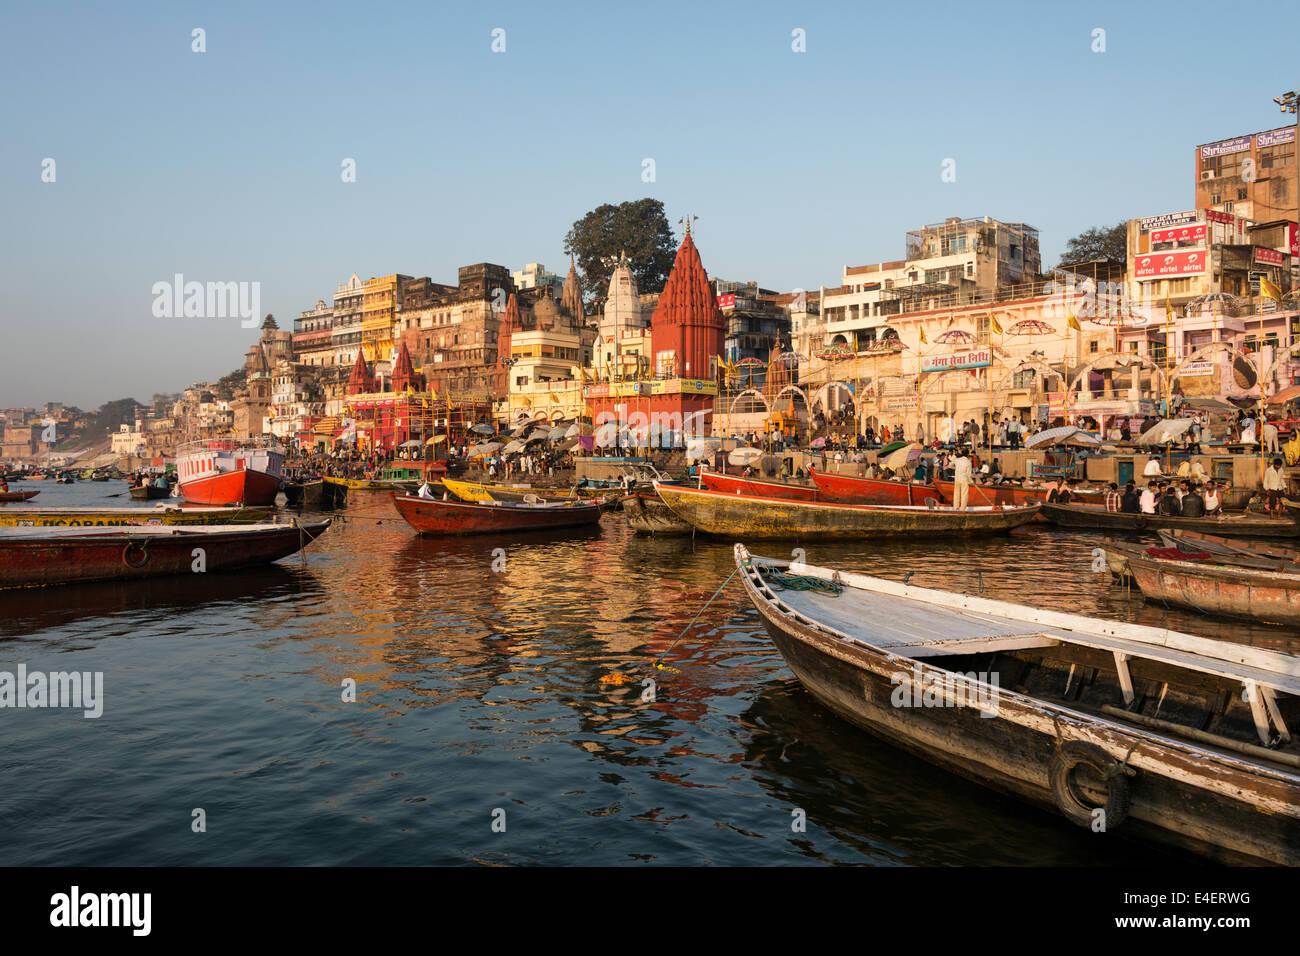 Ghats de la antigua ciudad de Varanasi, visto en el río santo Ganges. Imagen De Stock